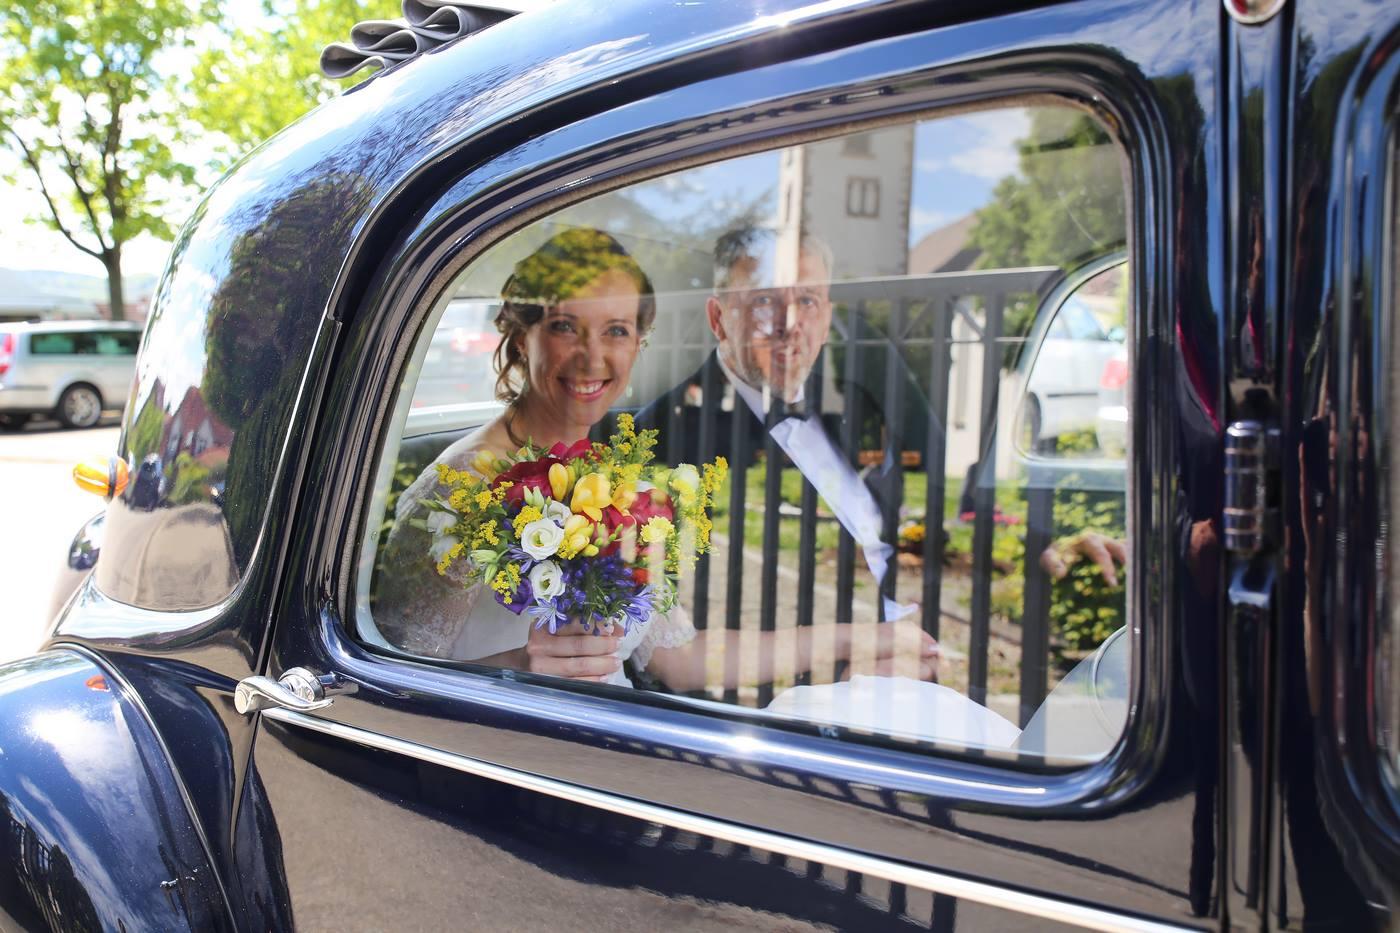 Brautpaar in Hochzeitsauto